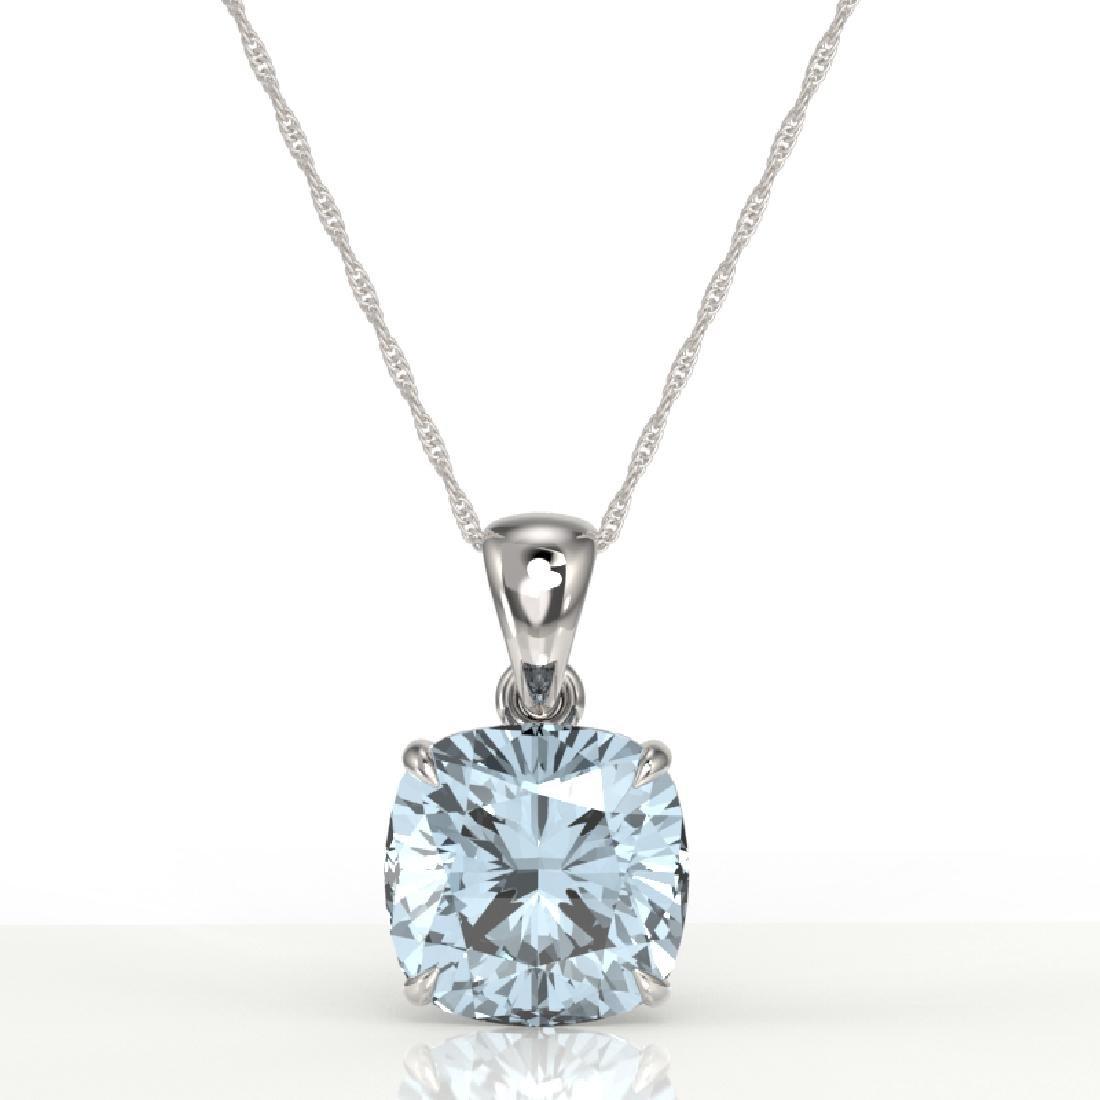 6 Cushion Cut Sky Blue Topaz Solitaire necklace 18K - 2